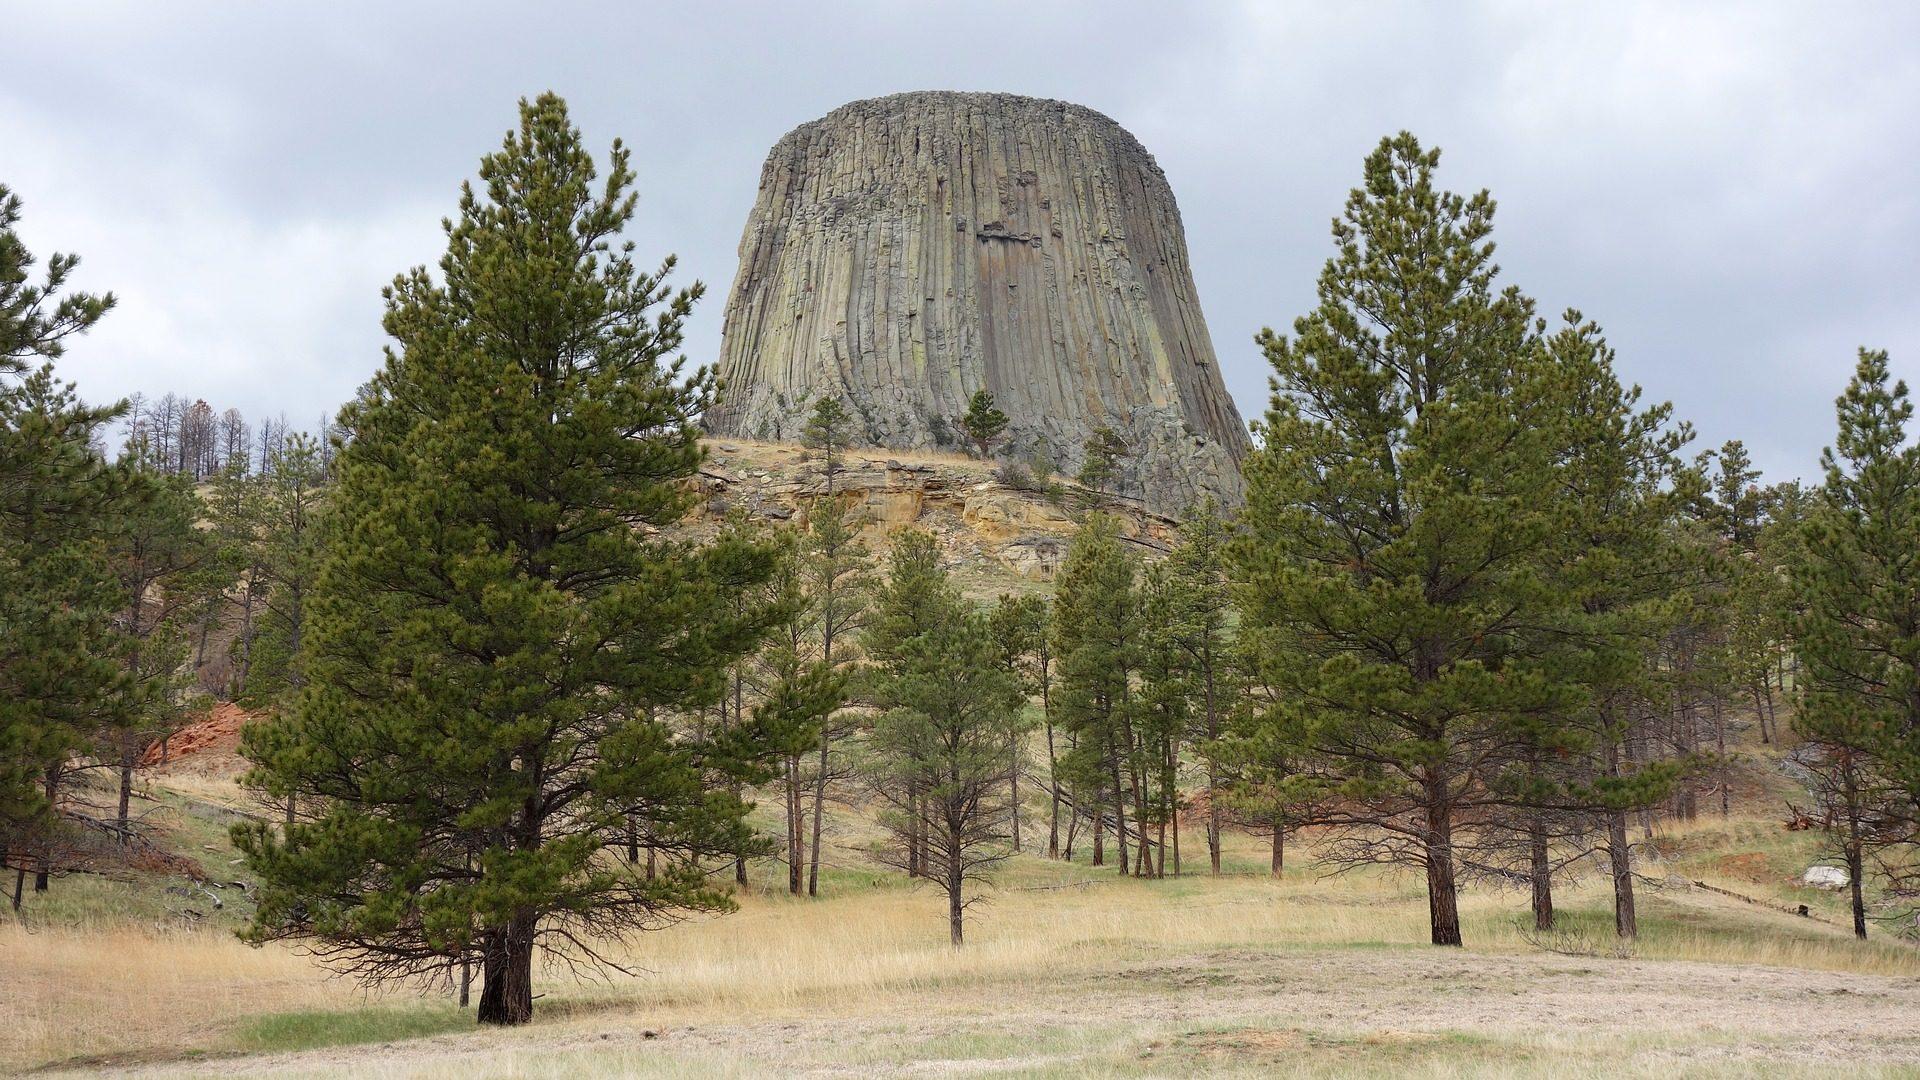 Roca, monolito, erosión, Devils tower, Parc national - Fonds d'écran HD - Professor-falken.com